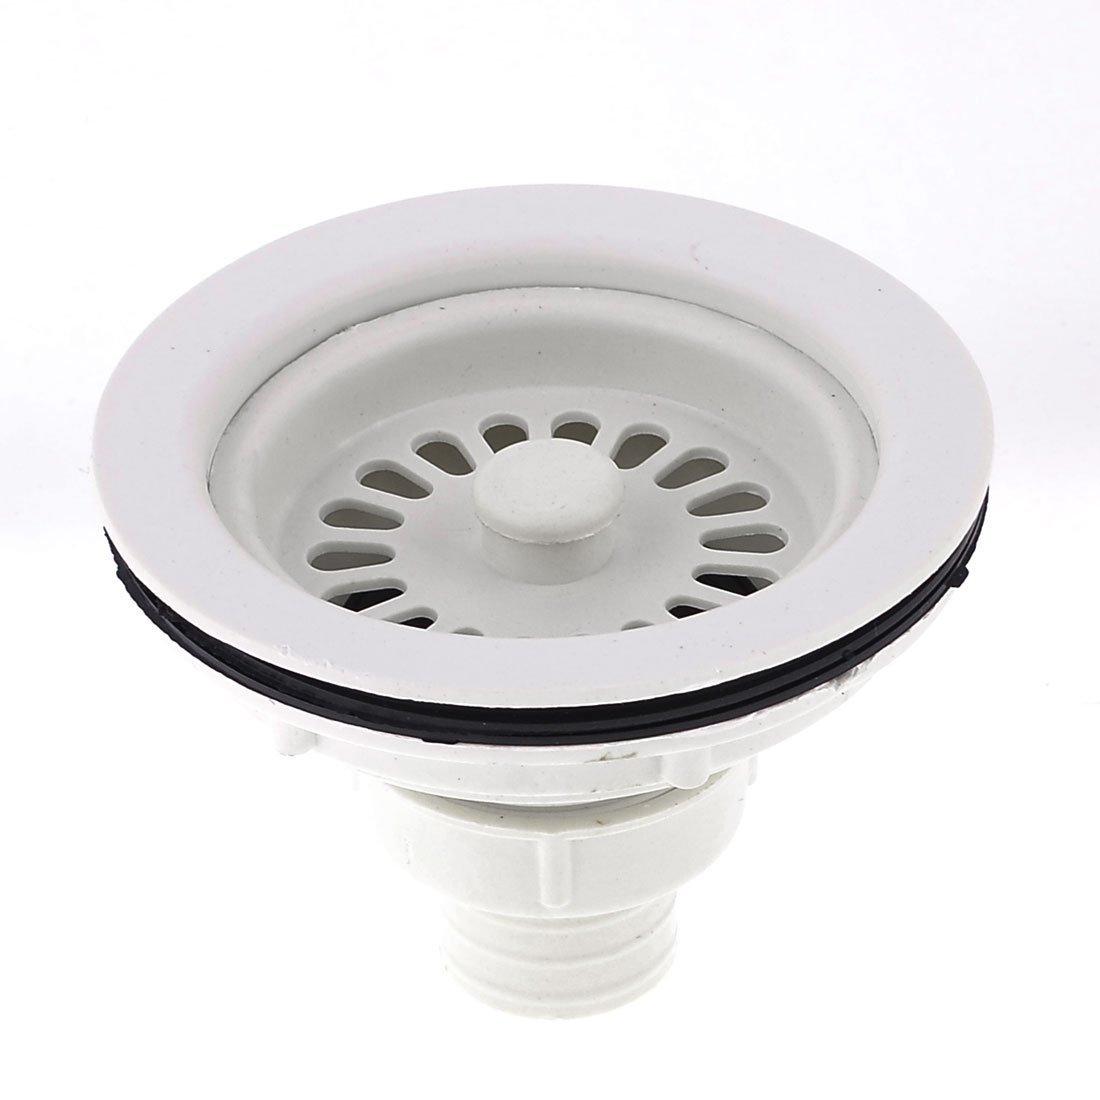 Kunststoff-Wannen-Abfluss-Sieb Sieb Stopper 4,3-Zoll-Durchmesser-Weiß 3-Zoll-Durchmesser-Weiß DealMux